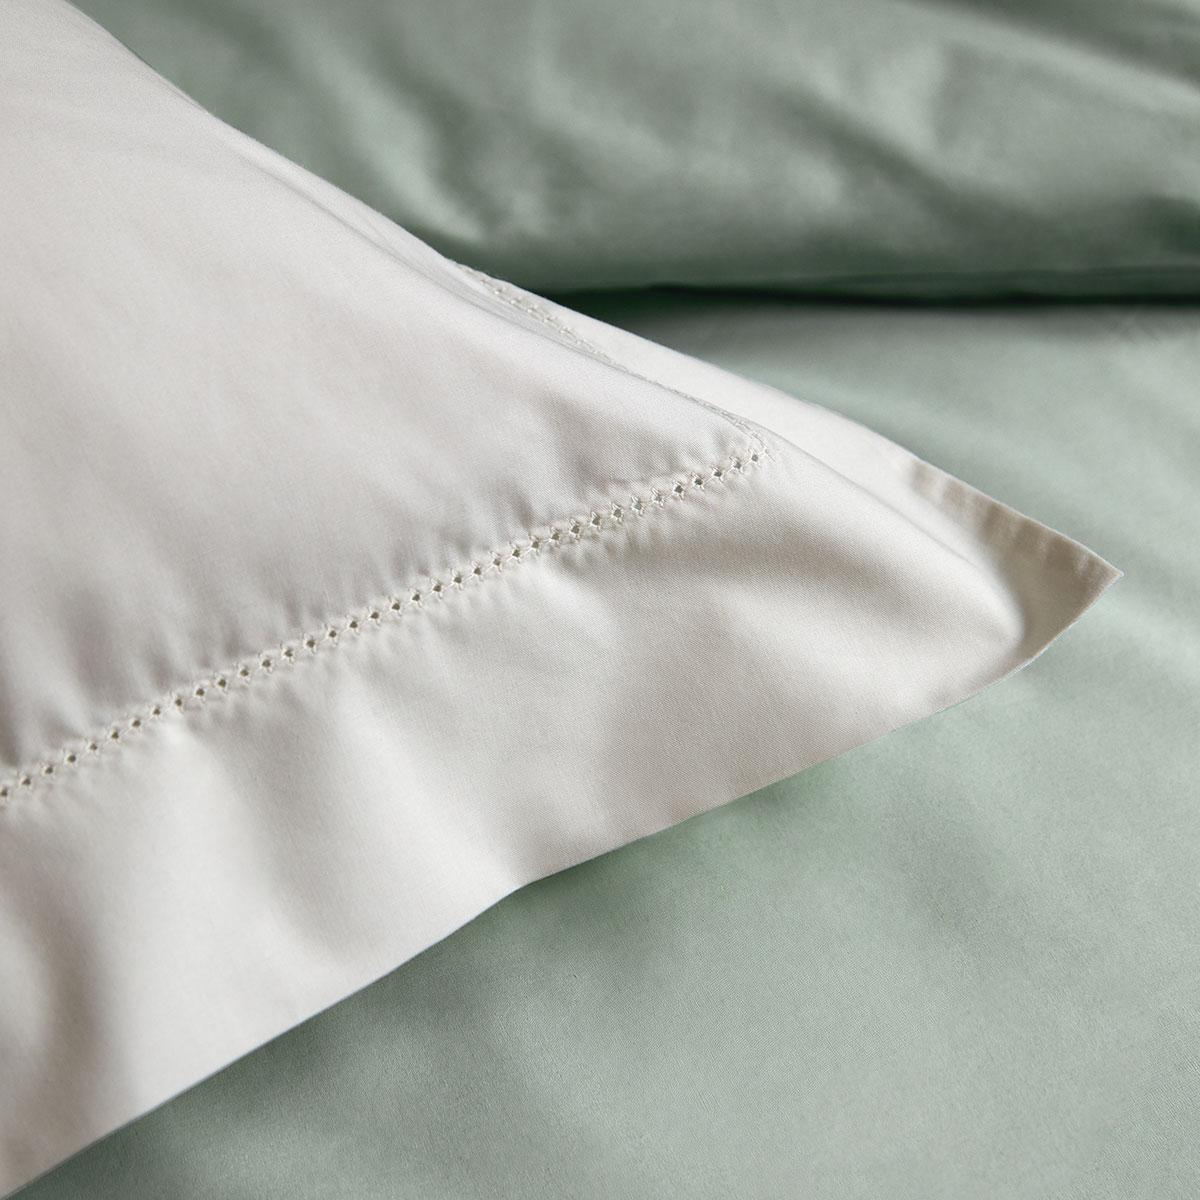 Housse de couette percale Blanc 200 x 200 cm